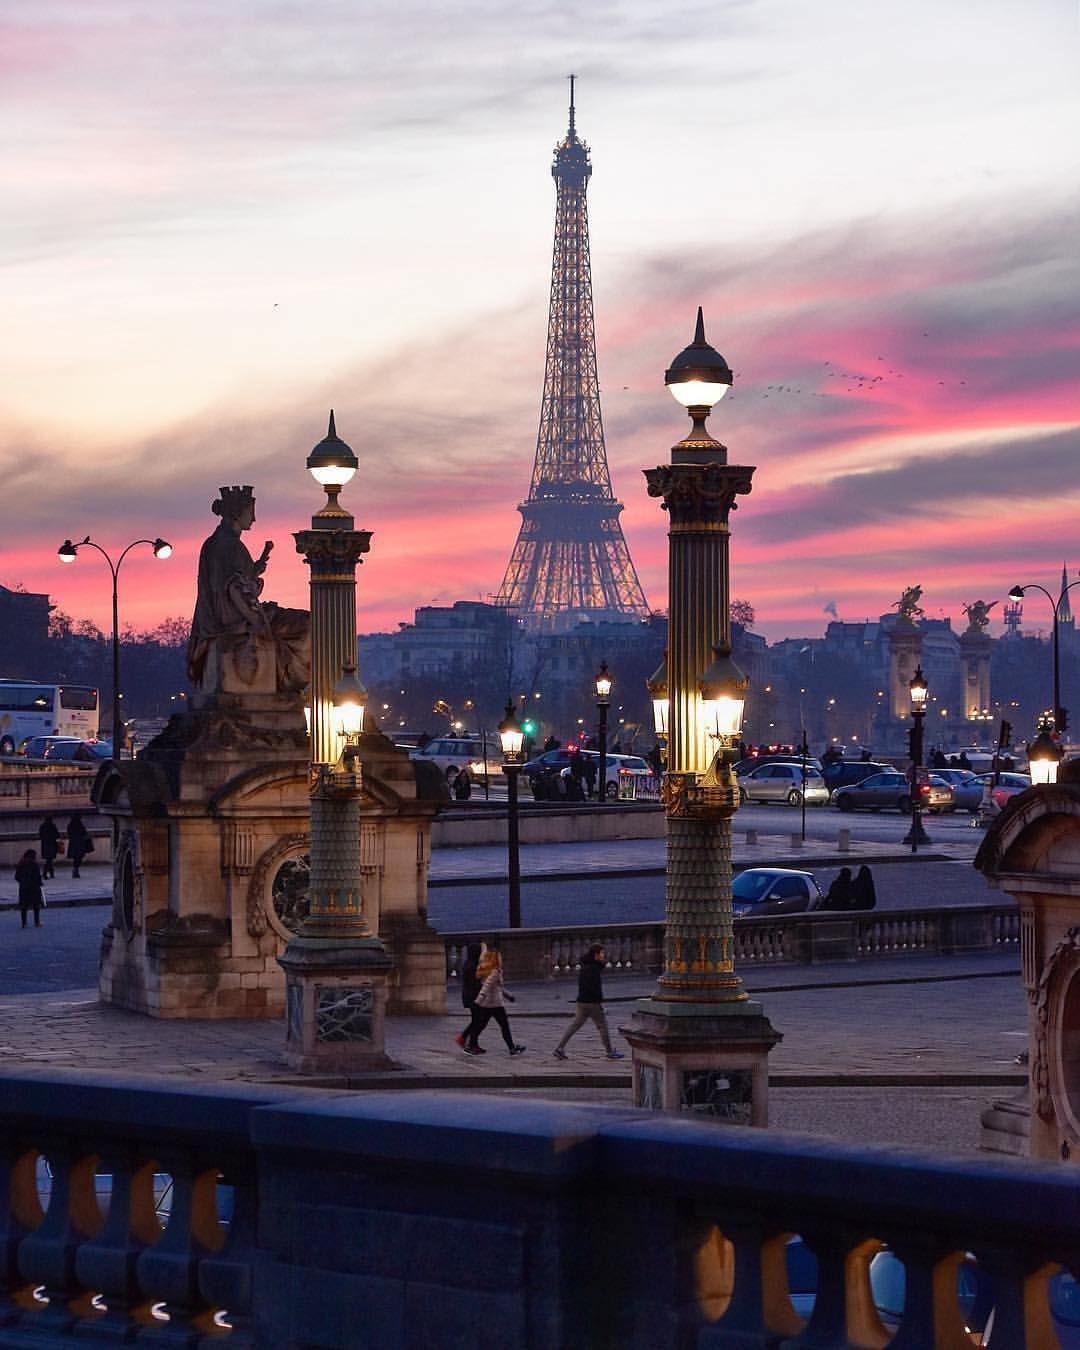 Paris Parisfrance Parisphotography Eiffeltower Toureiffel Eiffel Streetphotography France Photography Paris Tour Eiffel Paris Photos Paris At Night